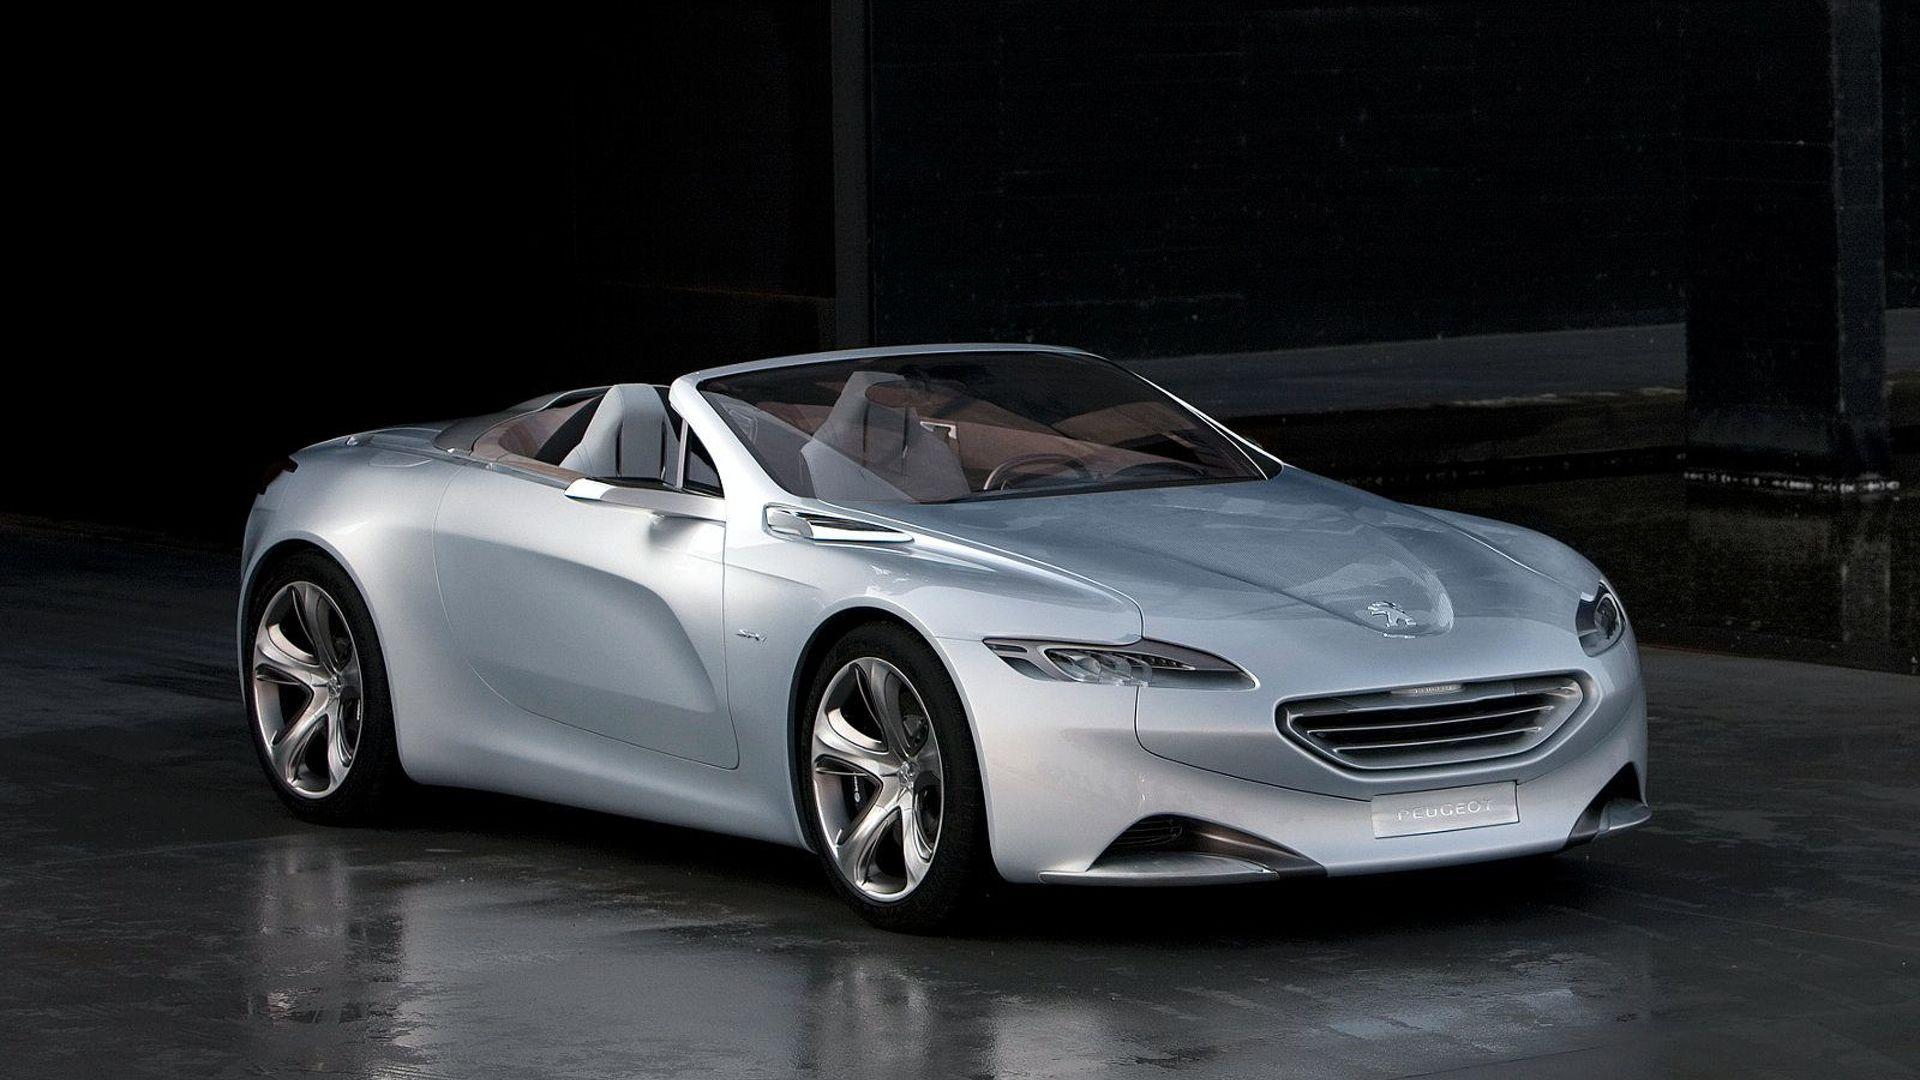 Peugeot SR1 Concept Car Revealed